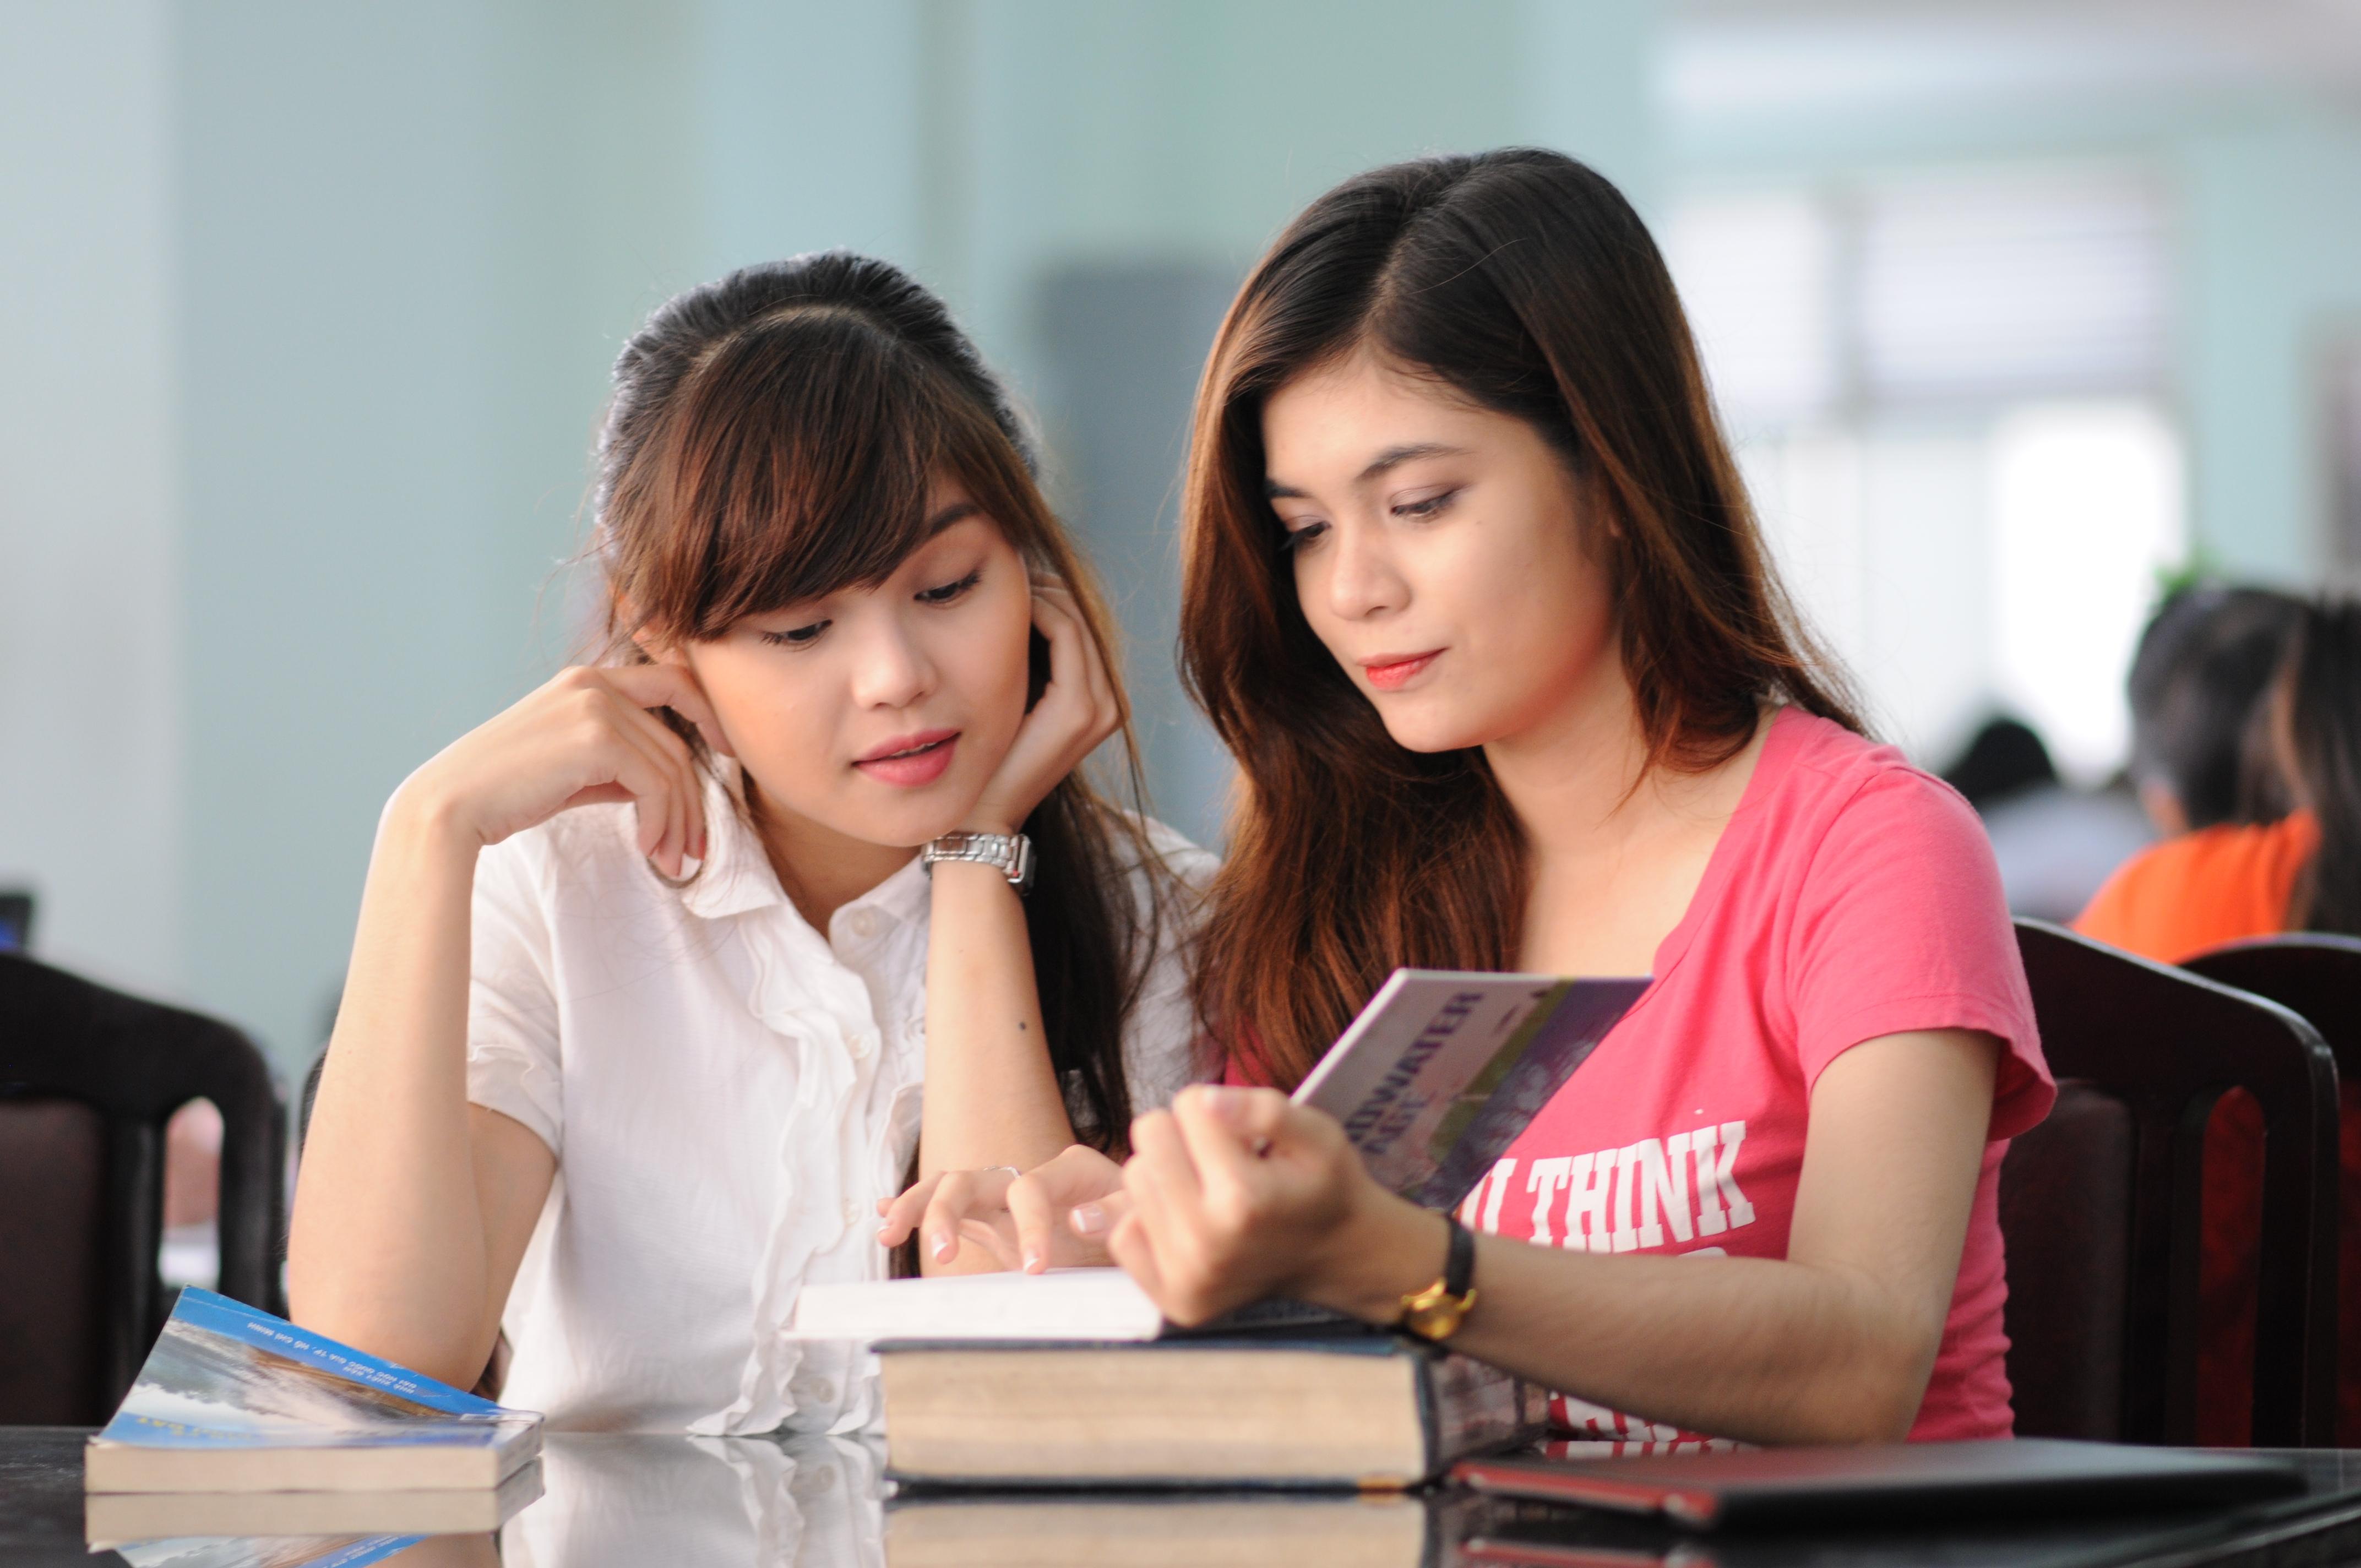 Thí sinh cần cân nhắc mối quan hệ giữa các yếu tố bản thân và trường học để chọn trường phù hợp